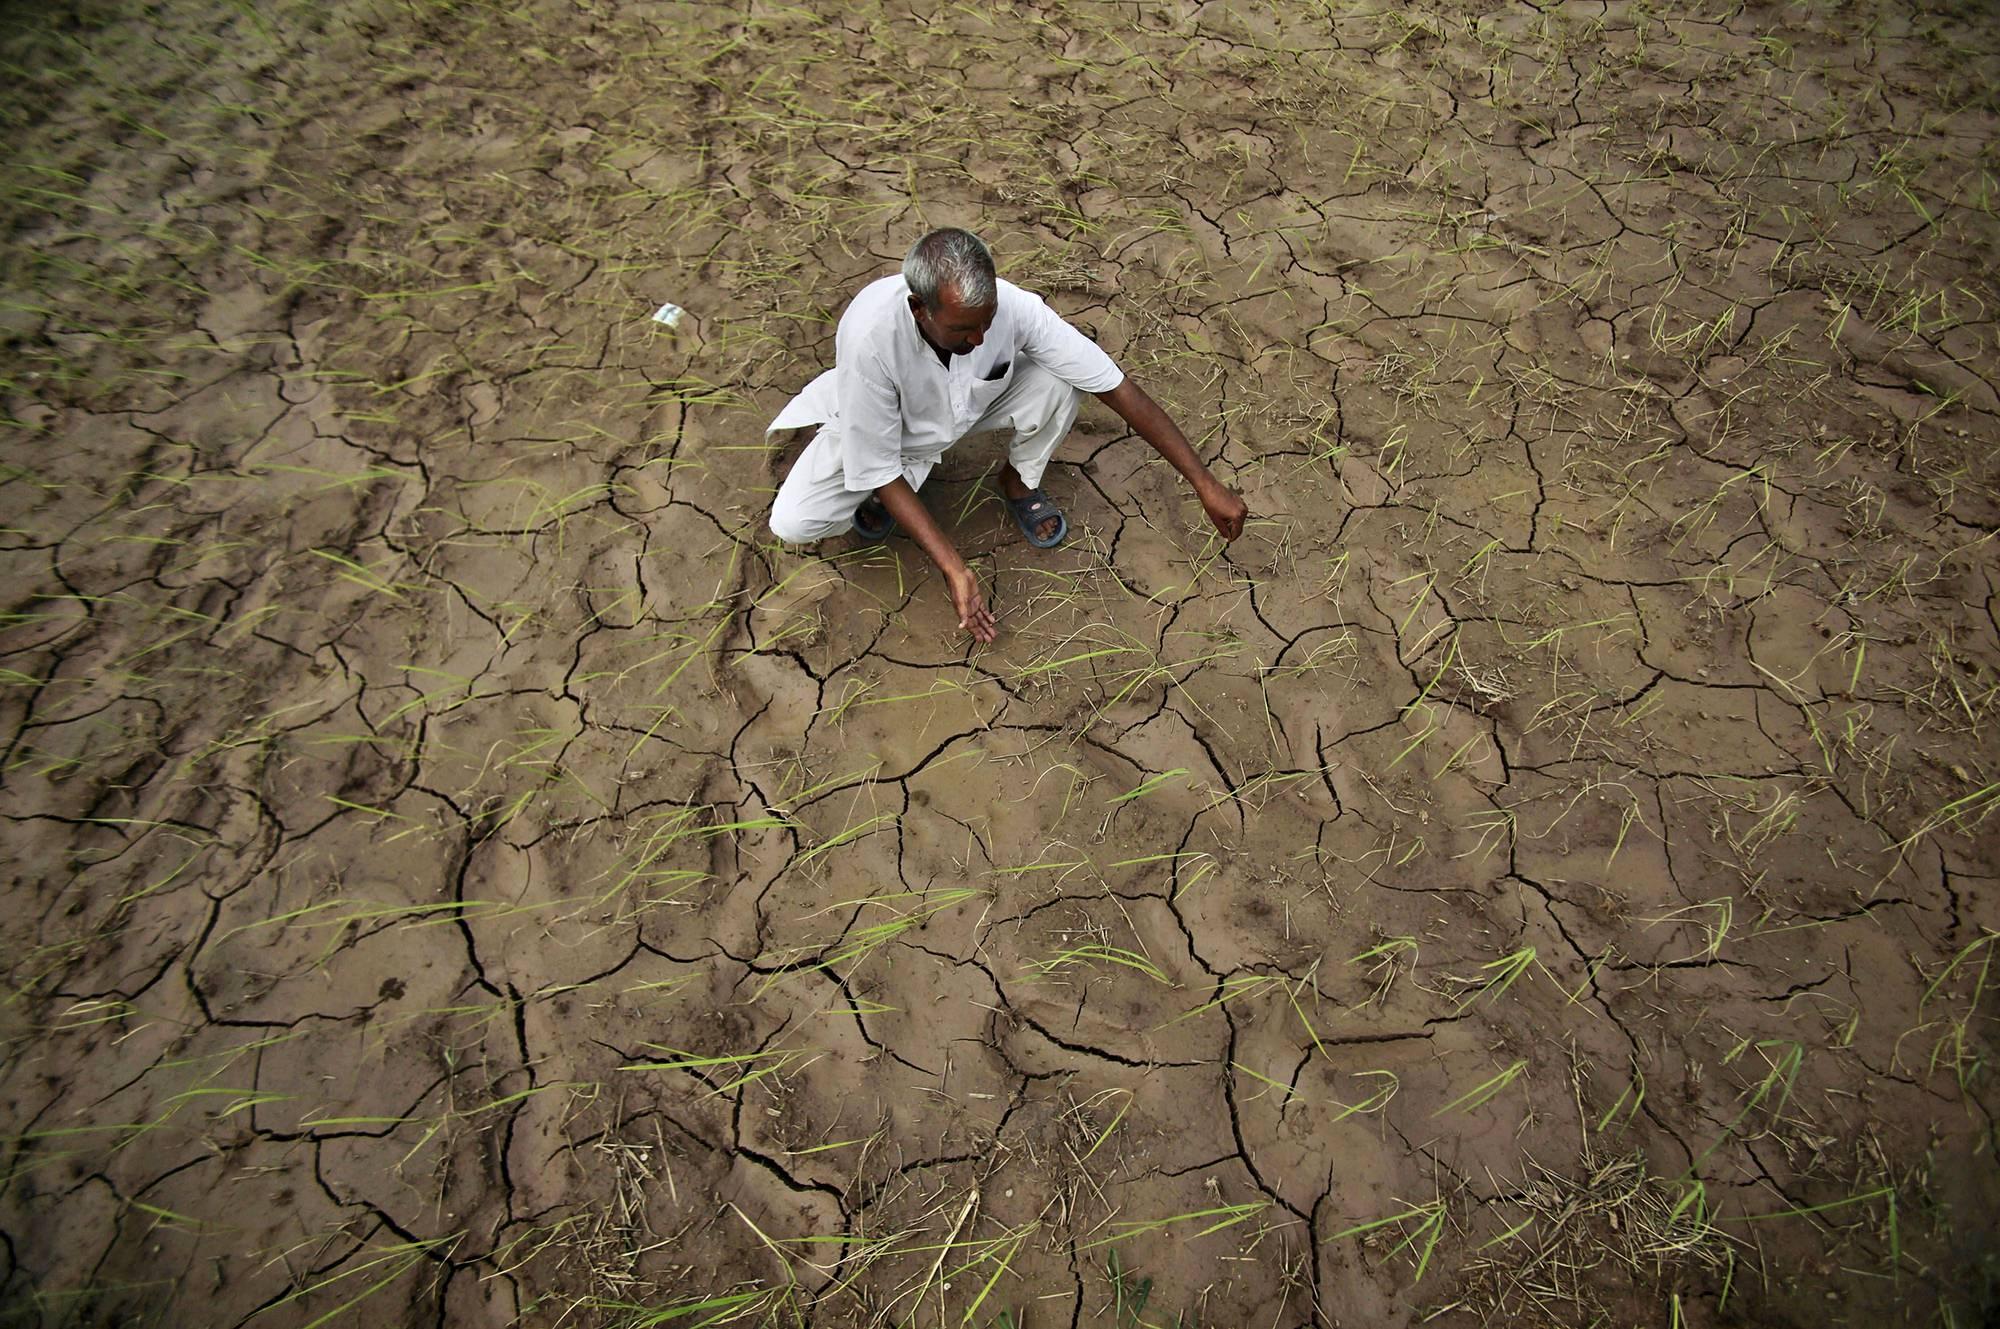 Kuivunut pelto Intiassa. Kuva vuodelta 2012.